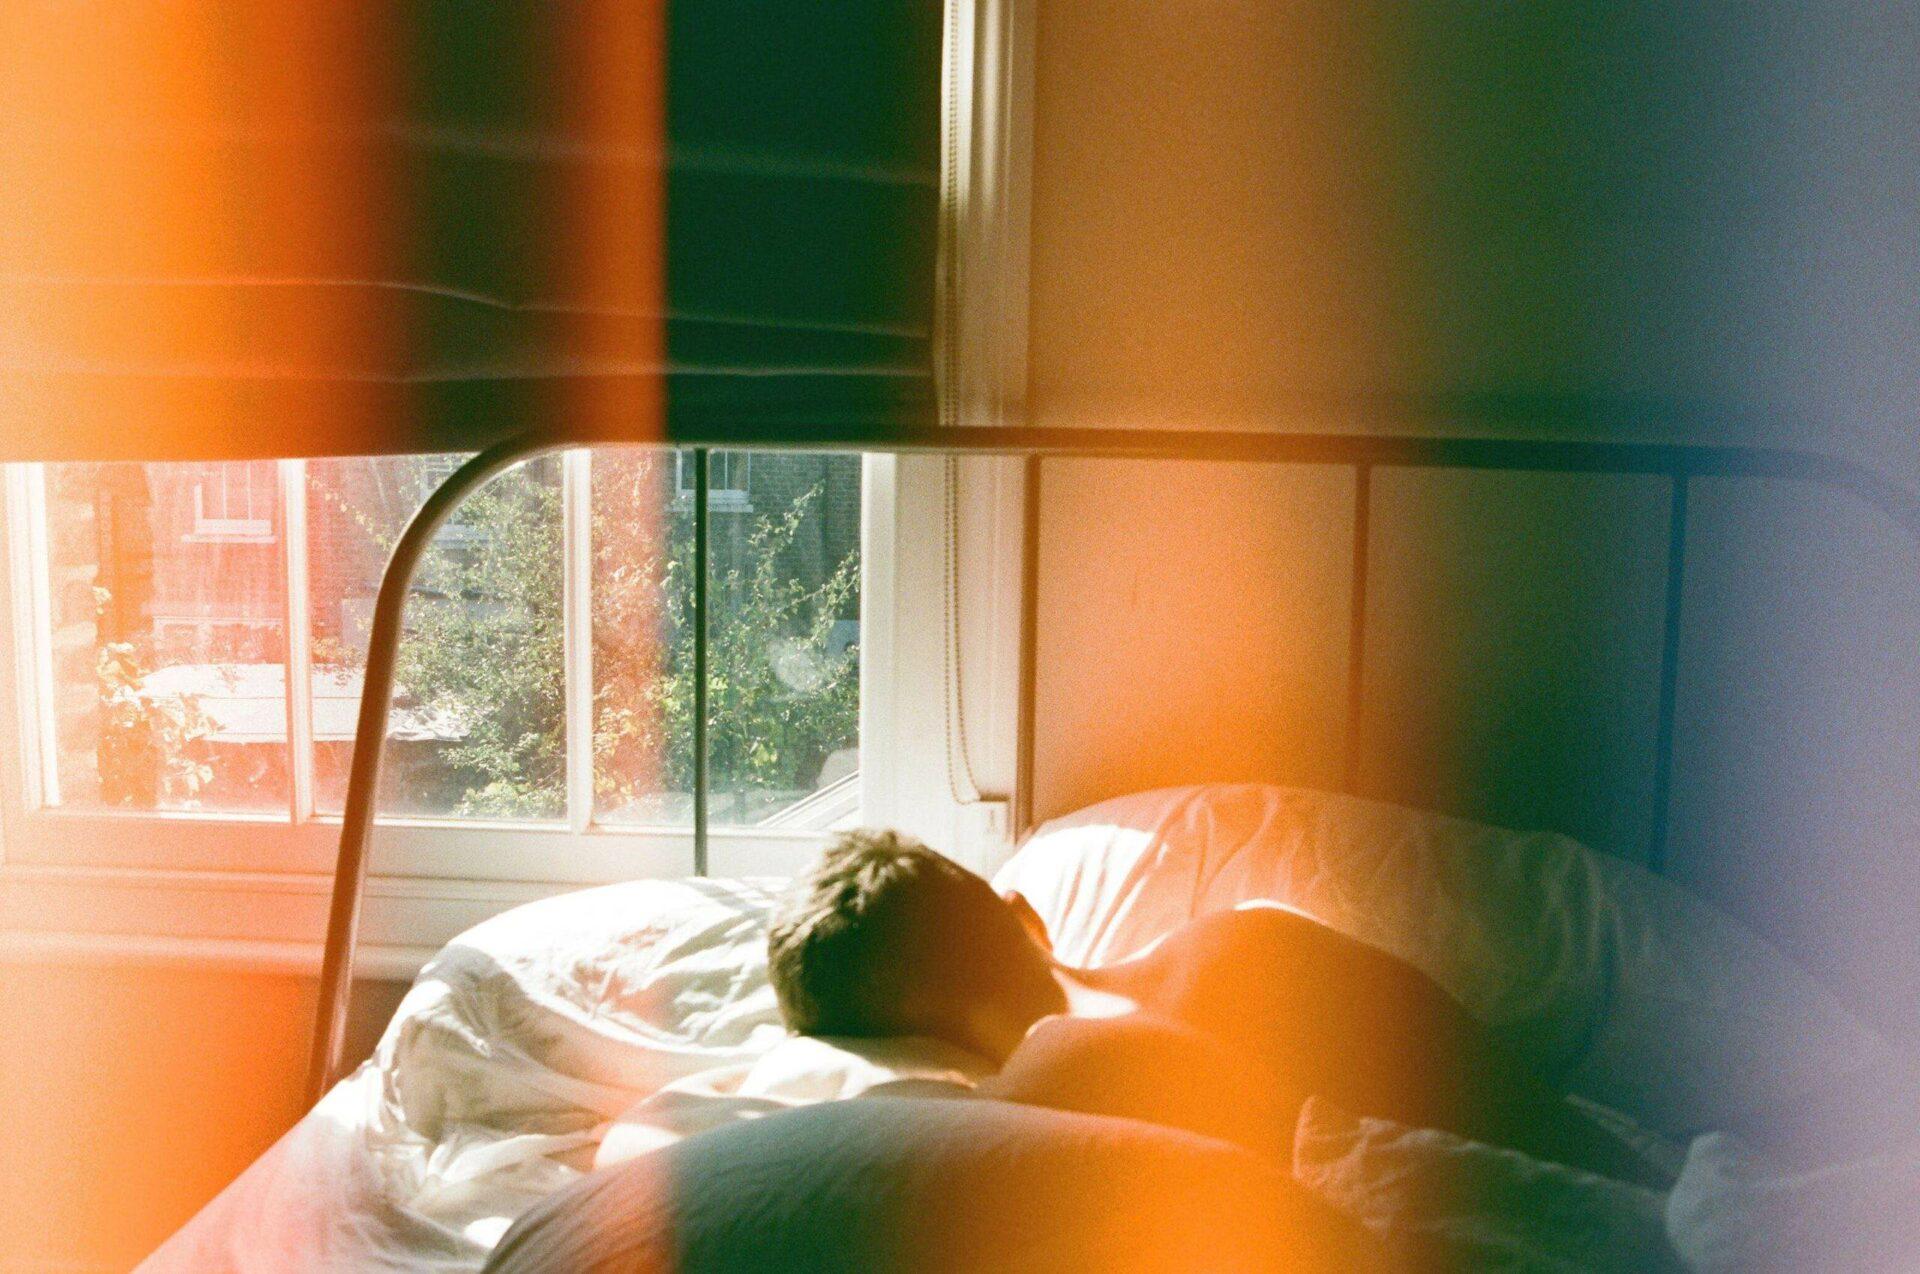 idézetek az alvásról Izgalmas + meglepő tények és idézetek az alvásról   Szénafüvek